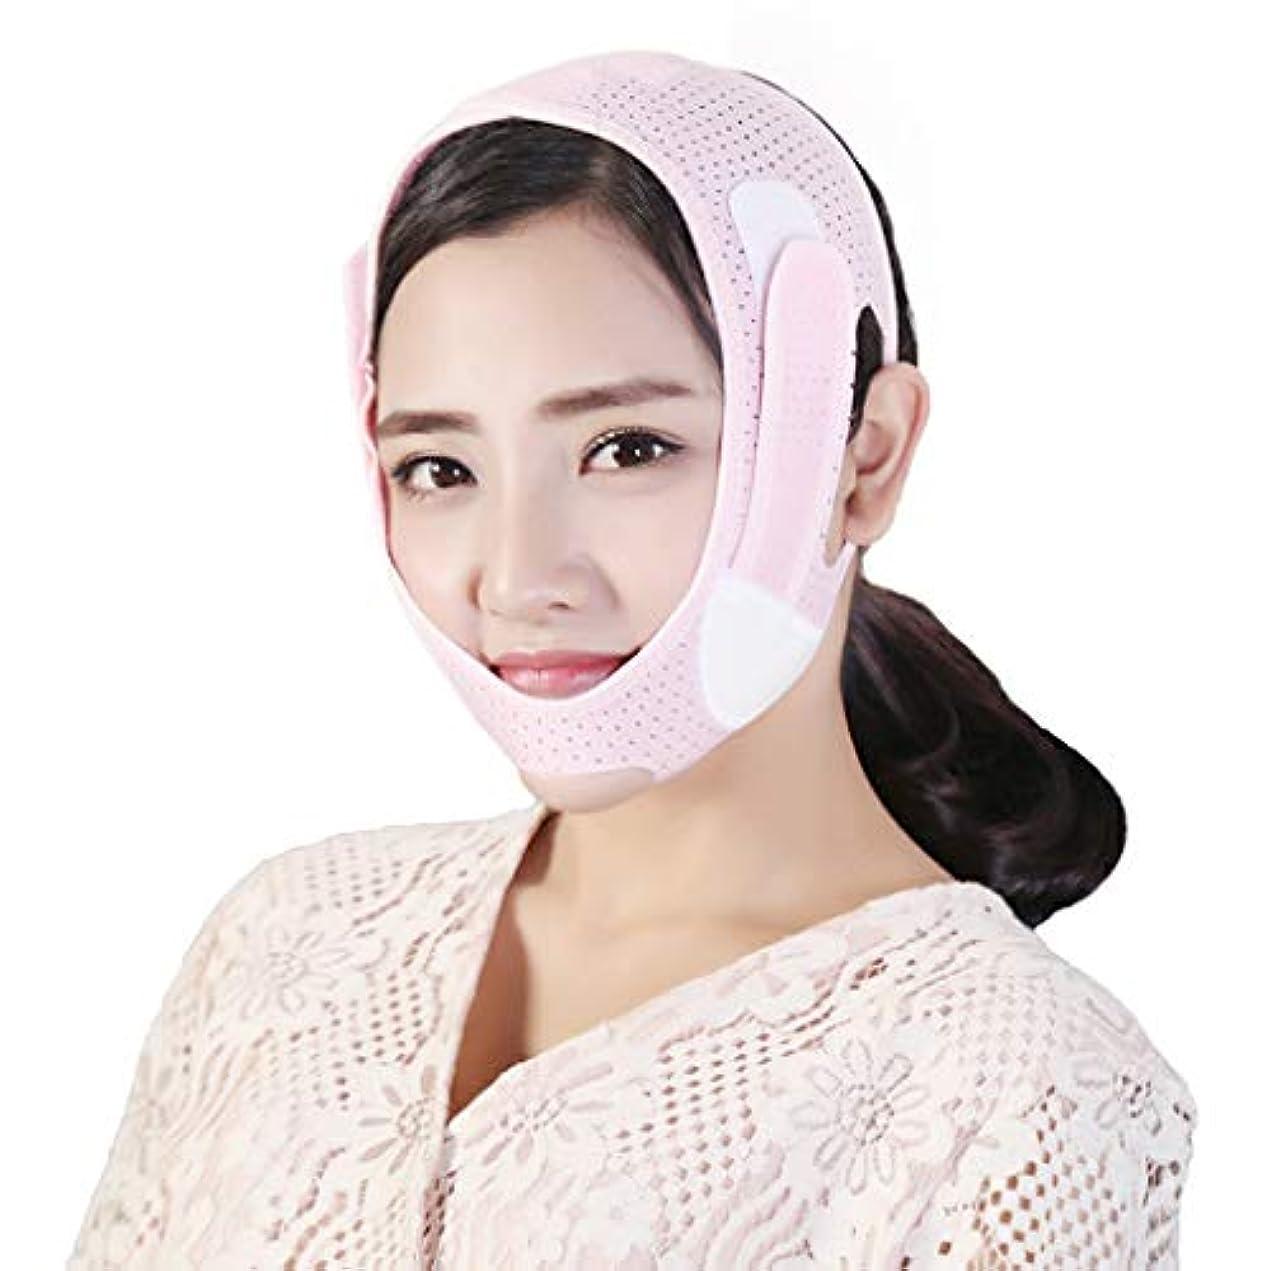 インキュバスすみません触手減量マスク薄い顔のマスクV顔の薄い顔の咬筋ダブル顎の包帯睡眠マスクの通気性